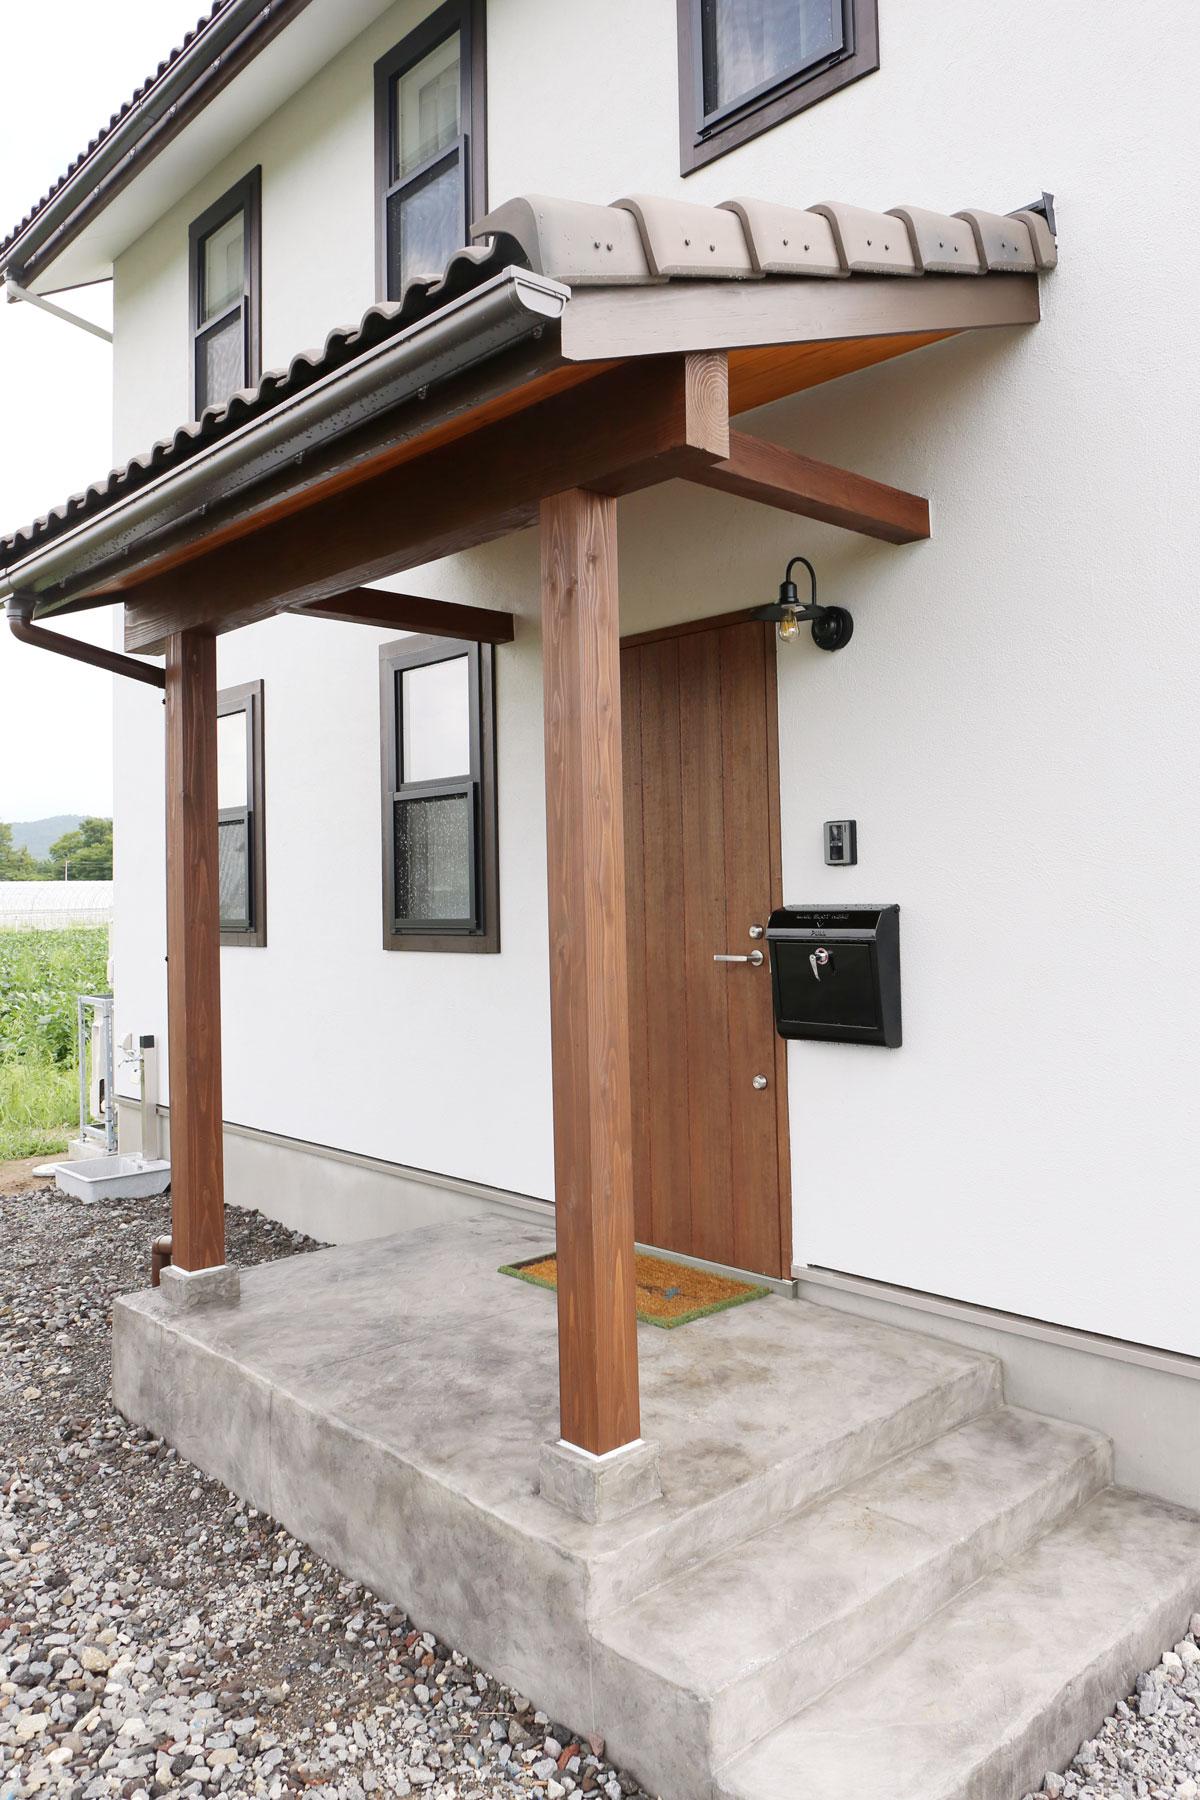 田園に佇むブルーグレーの塗り壁が綺麗な30Sタイプのお家。ポーチ【酒田鶴岡でヨーロッパテイストのおしゃれでかわいいカフェのような新築Mamanの家を手がける工務店 ナチュラル工房伊藤住宅】